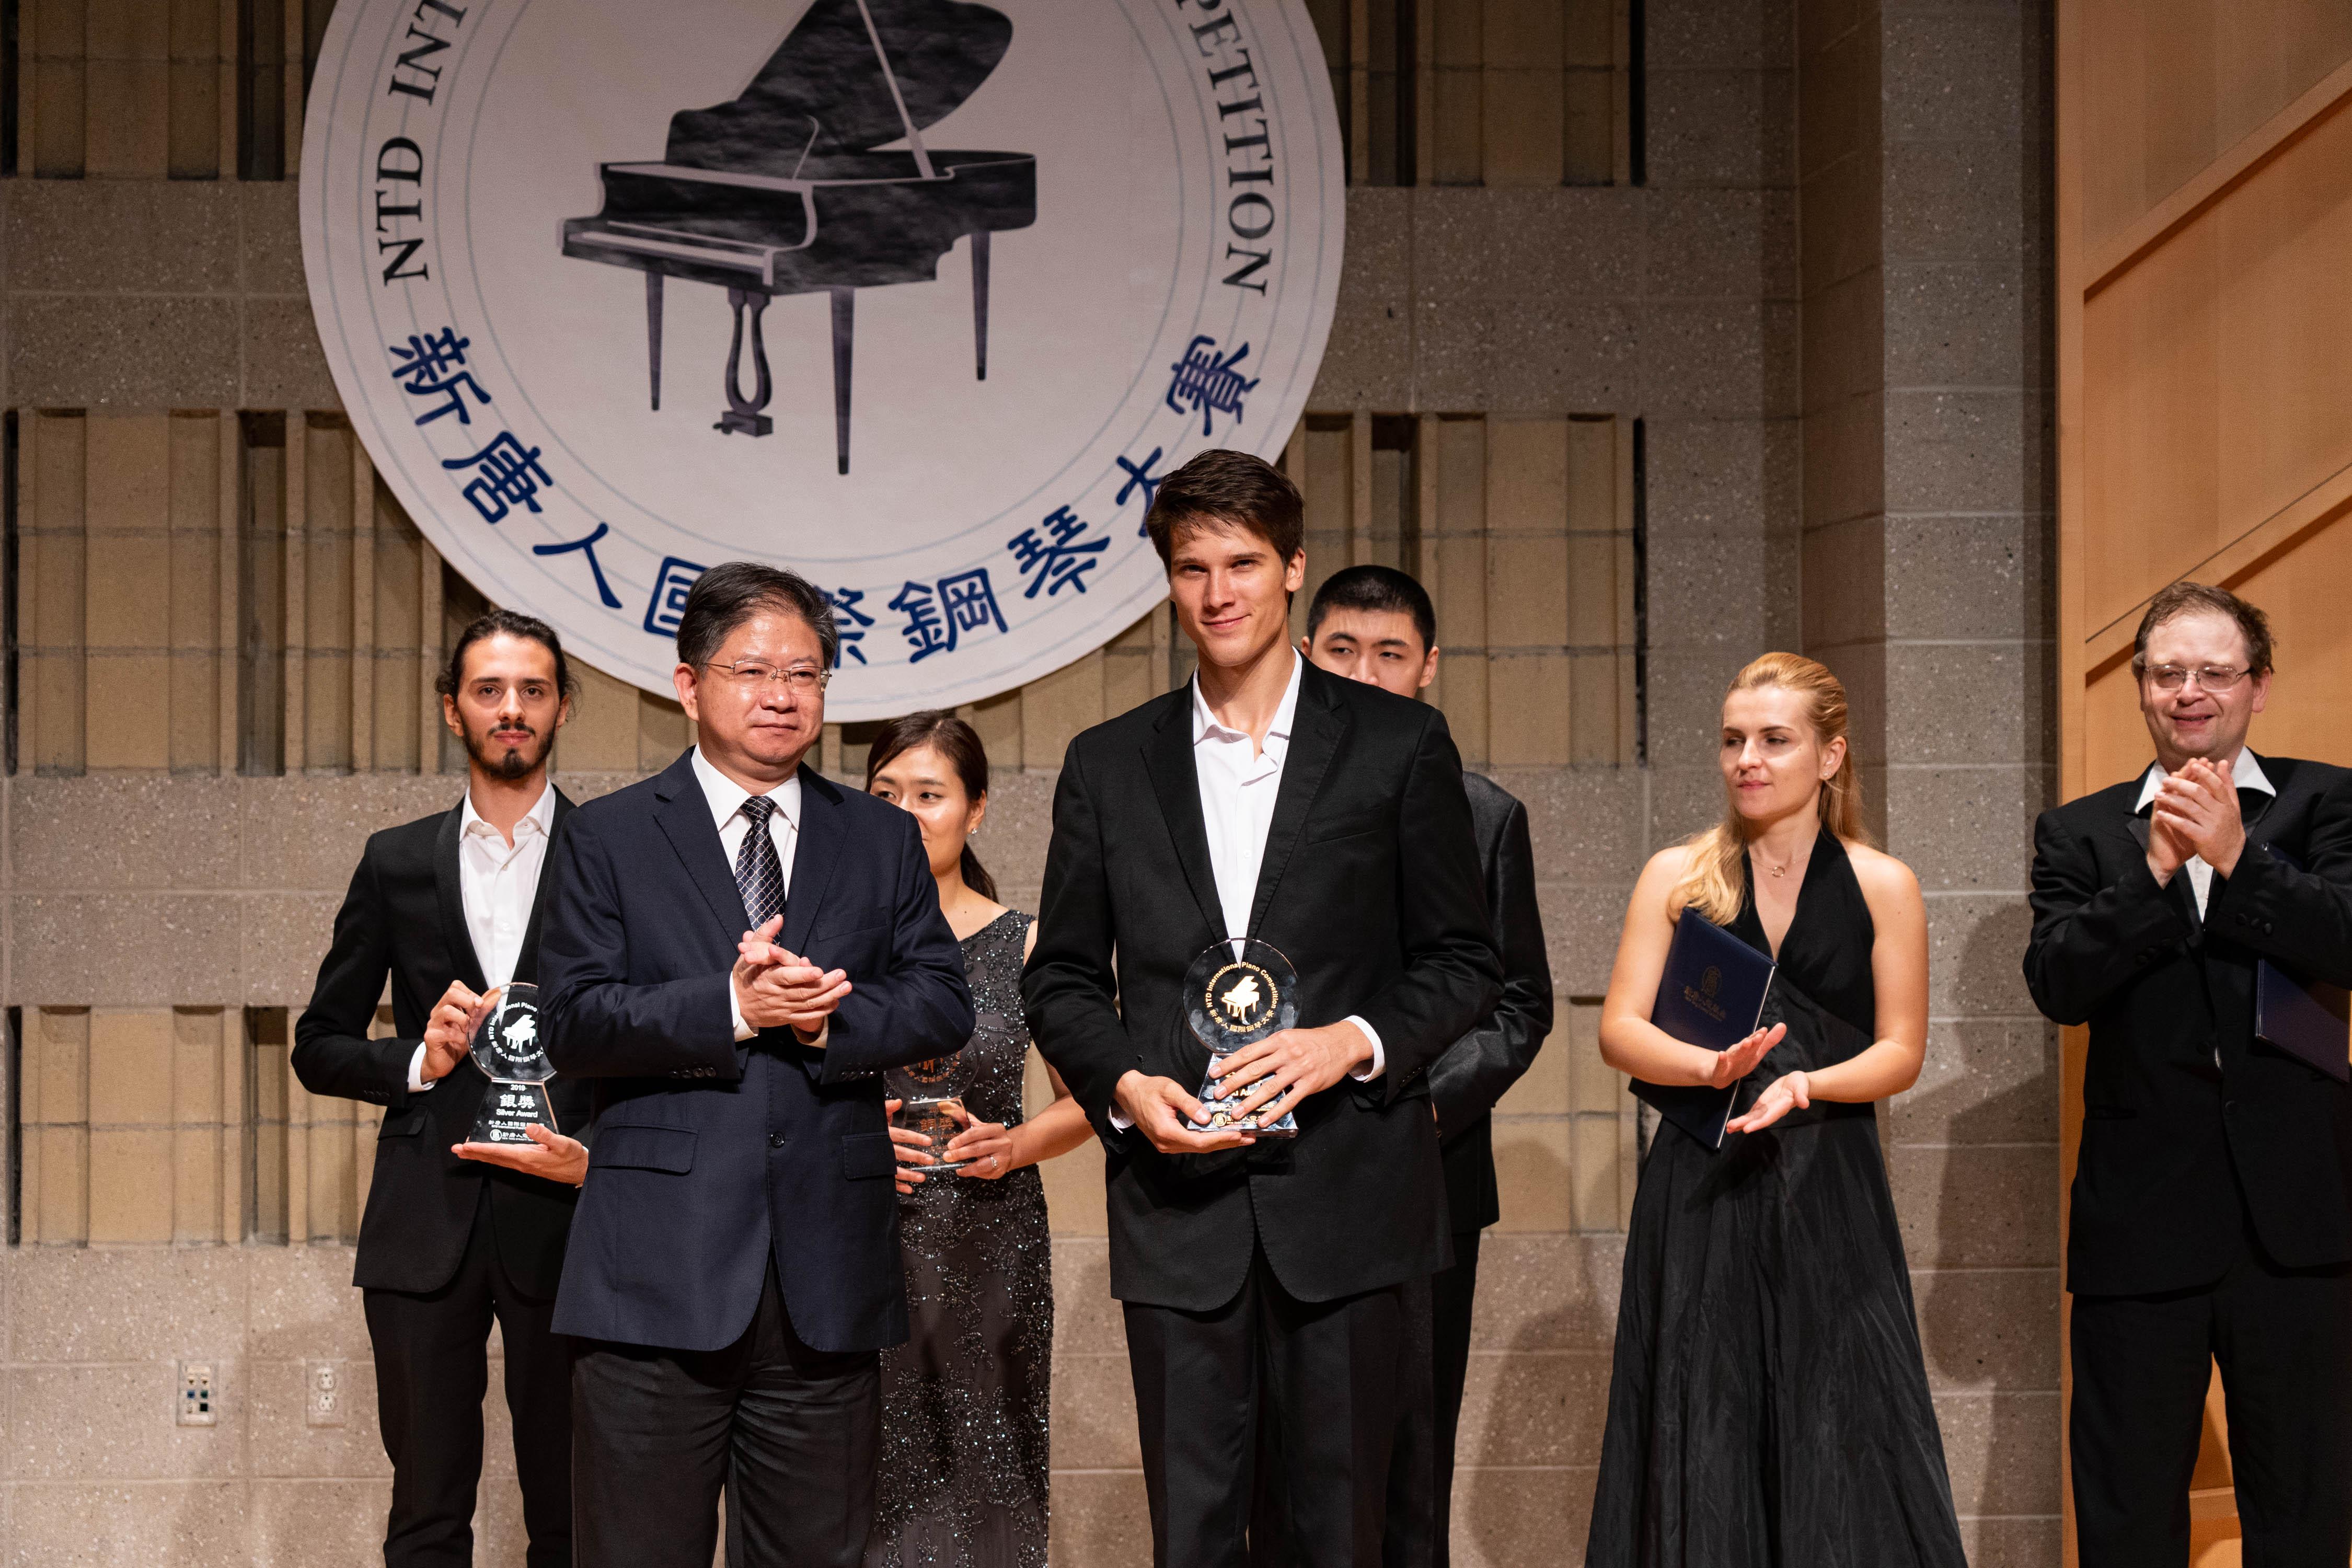 2019年9月28日,第五屆新唐人國際鋼琴大賽獲獎名單揭曉,大紀元時報、新唐人電視台媒體集團總裁唐忠先生(左一)向金獎得主彼得羅夫(Vladimir Petrov)頒發獎盃。(戴兵/大紀元)